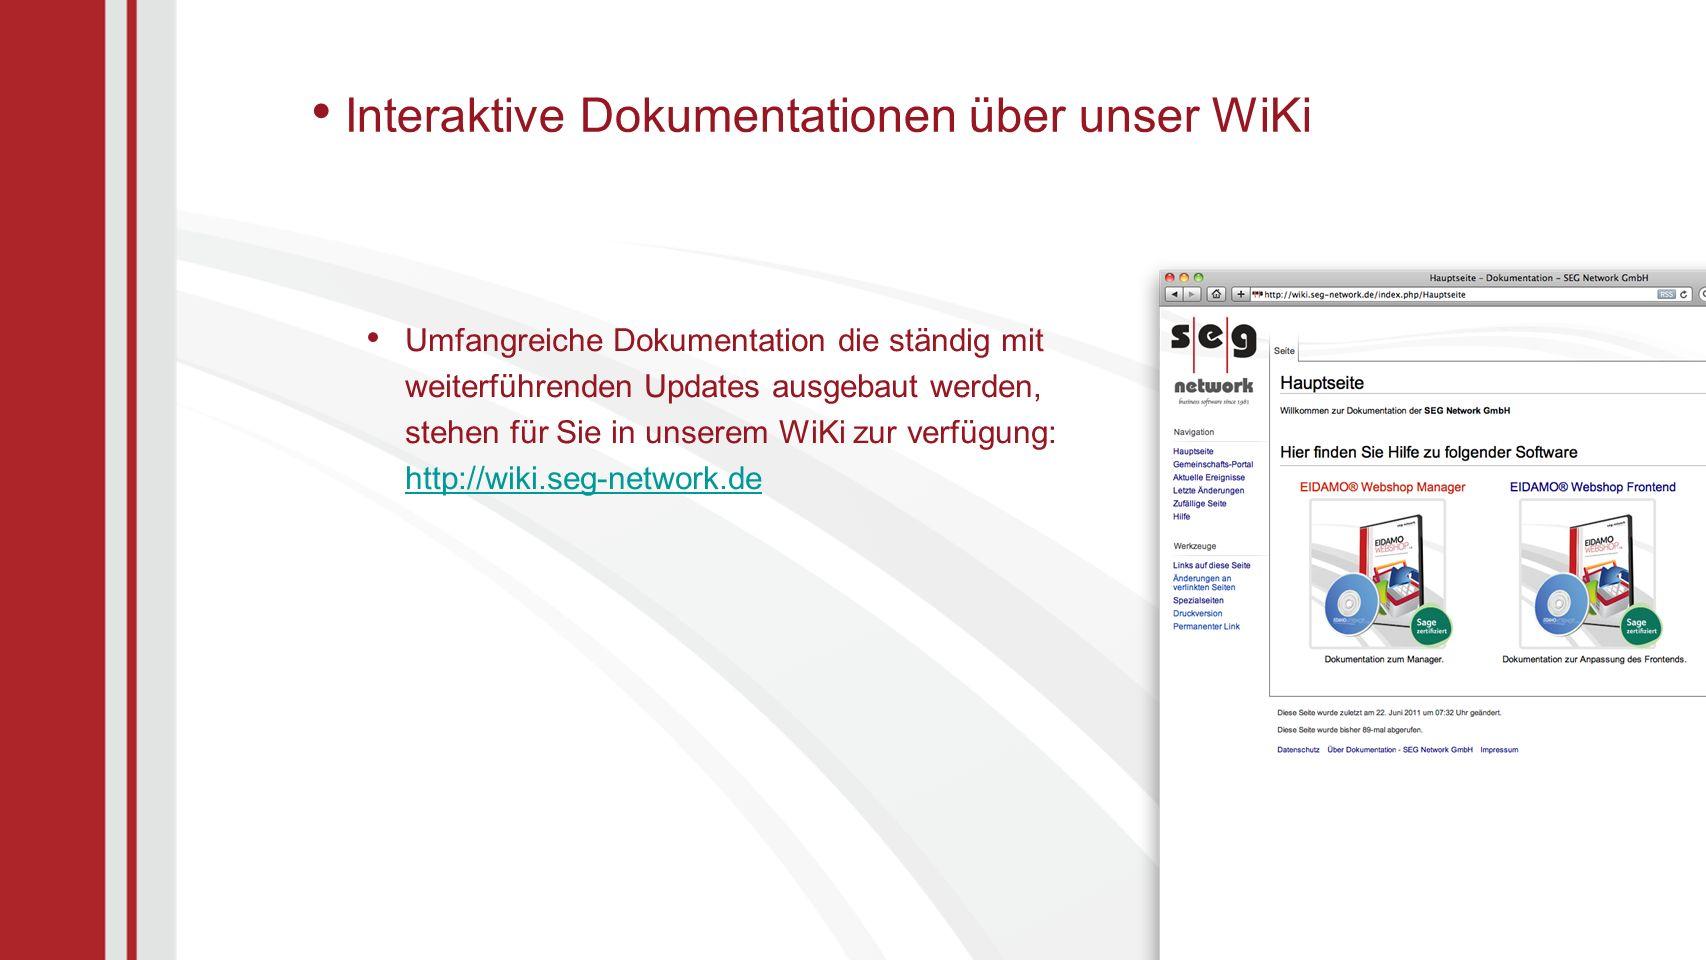 Interaktive Dokumentationen über unser WiKi Umfangreiche Dokumentation die ständig mit weiterführenden Updates ausgebaut werden, stehen für Sie in unserem WiKi zur verfügung: http://wiki.seg-network.de